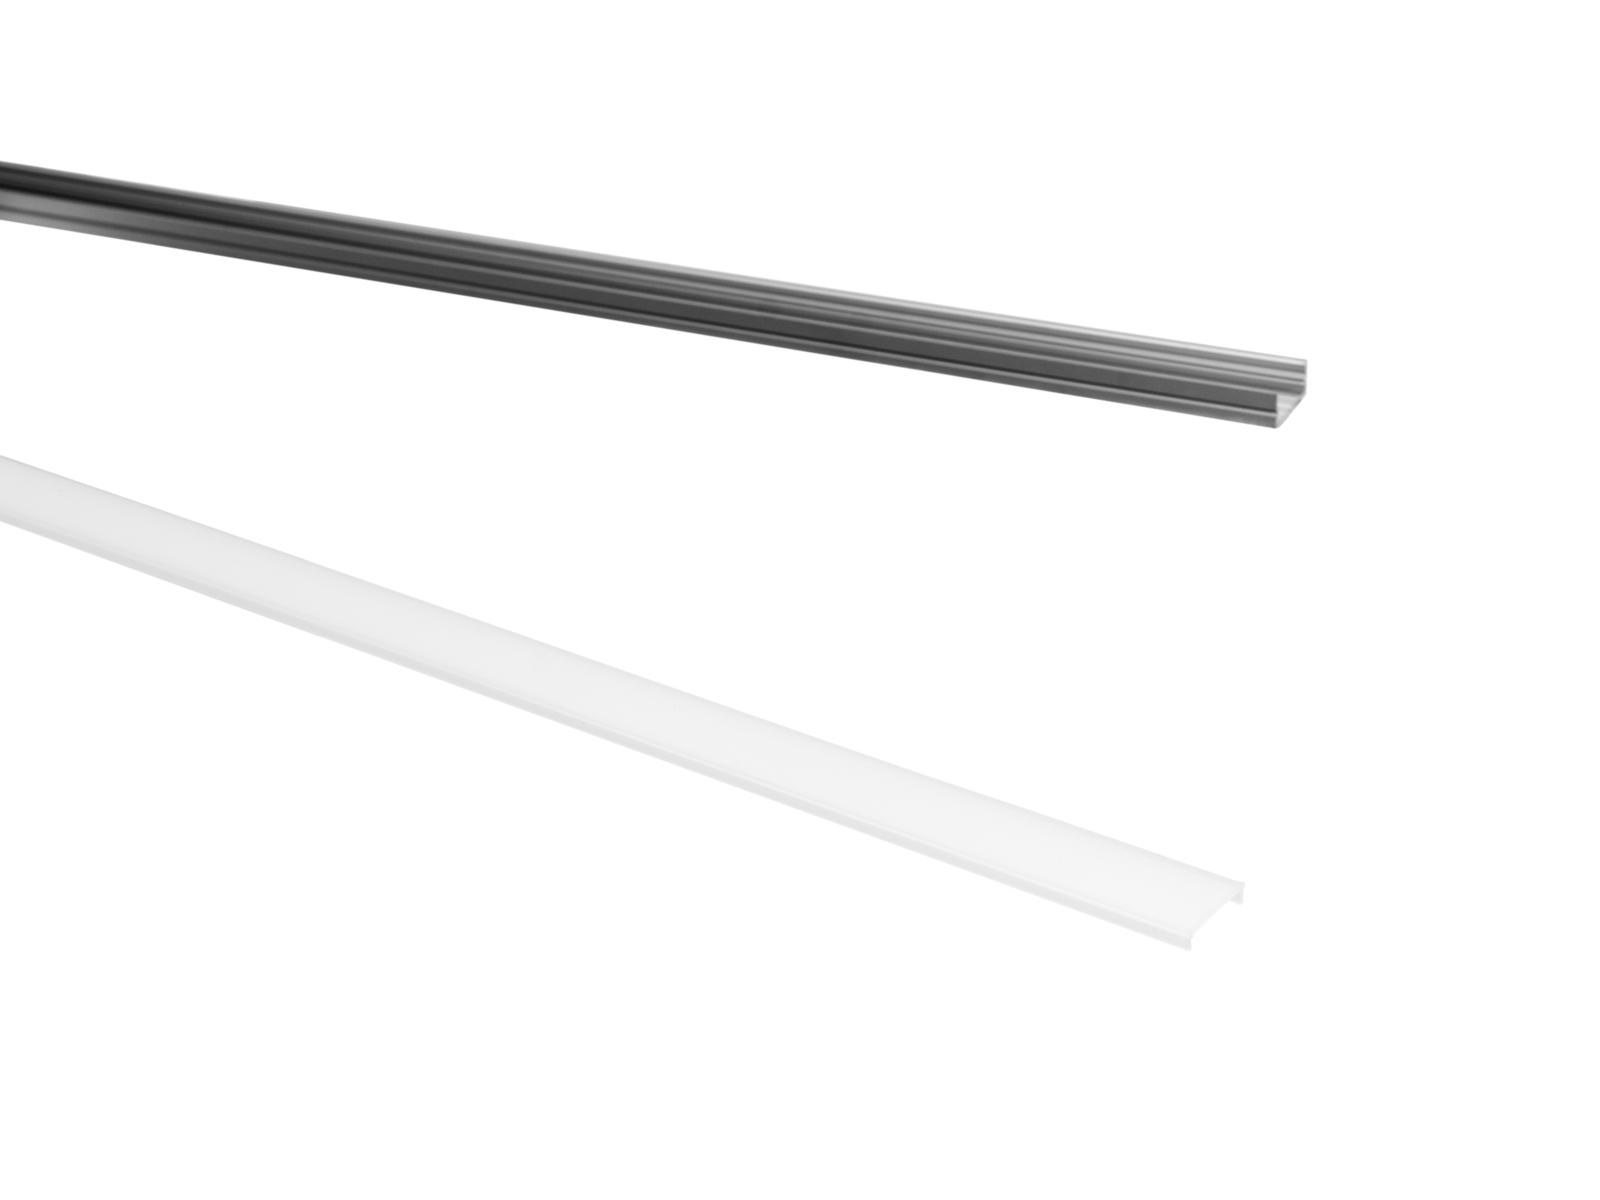 EUROLITE Deckel für U-Profil 20mm milchig 2m